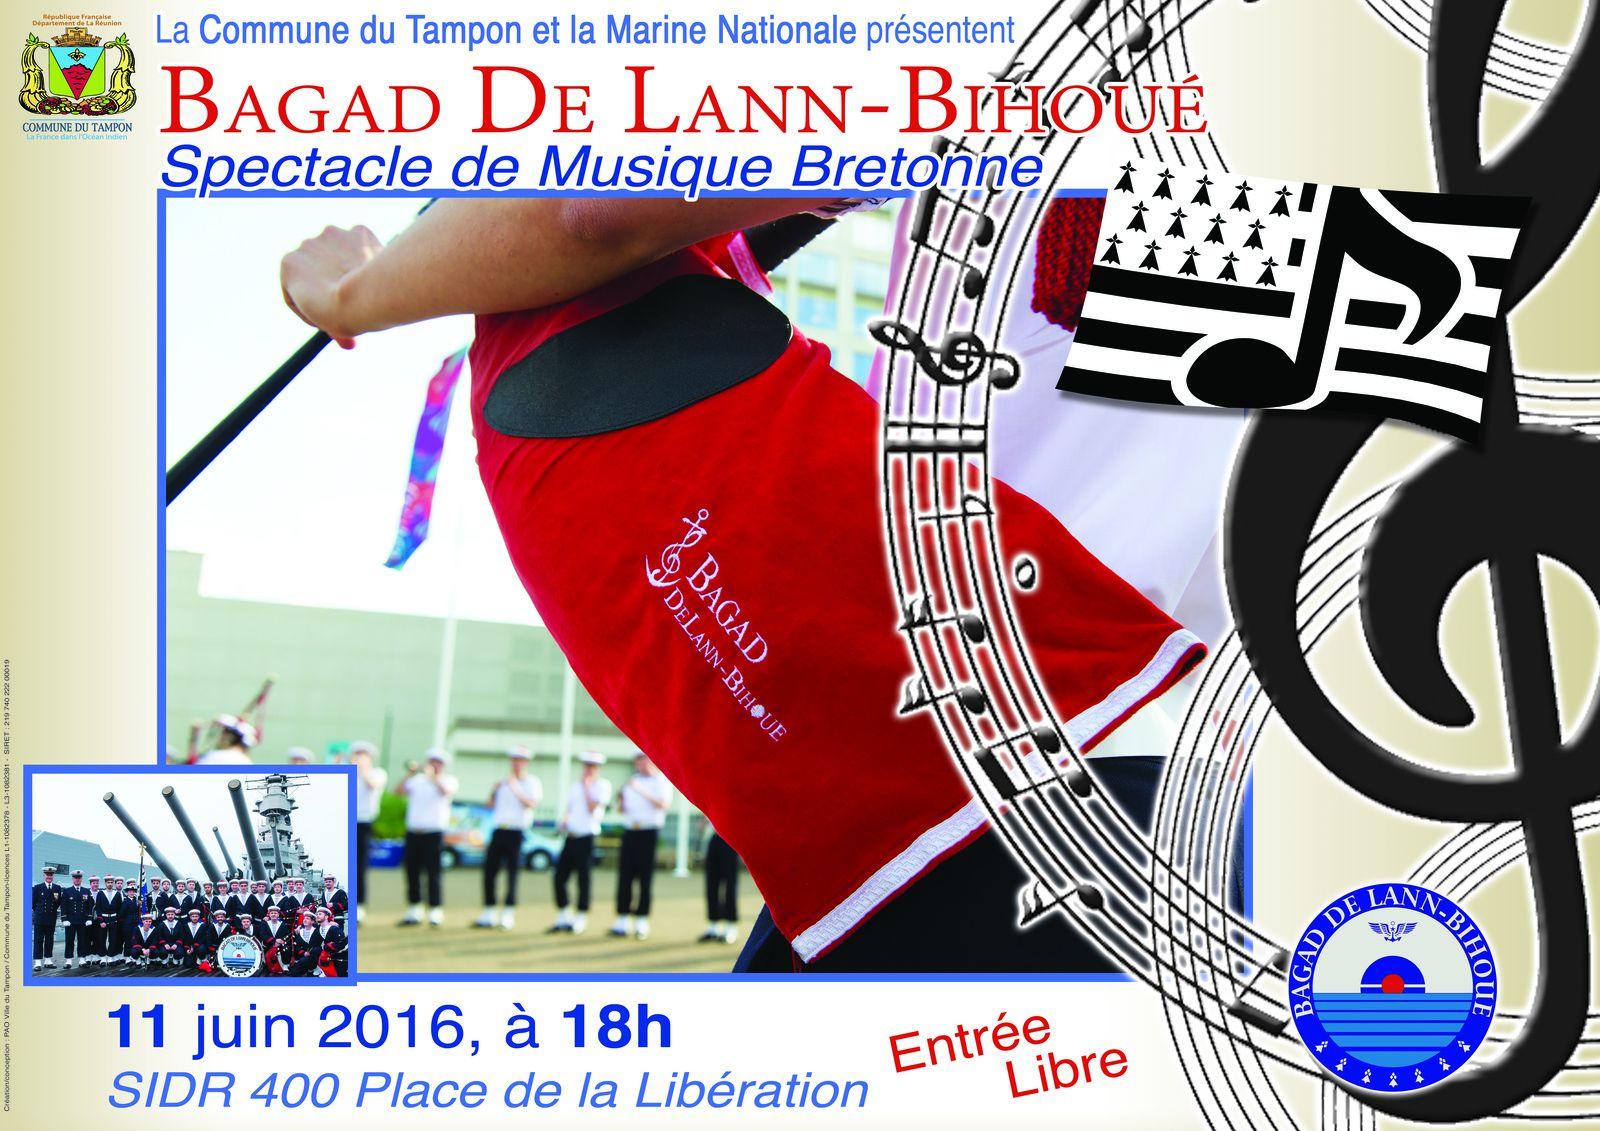 Le Bagad de Lann Bihoué à La Réunion